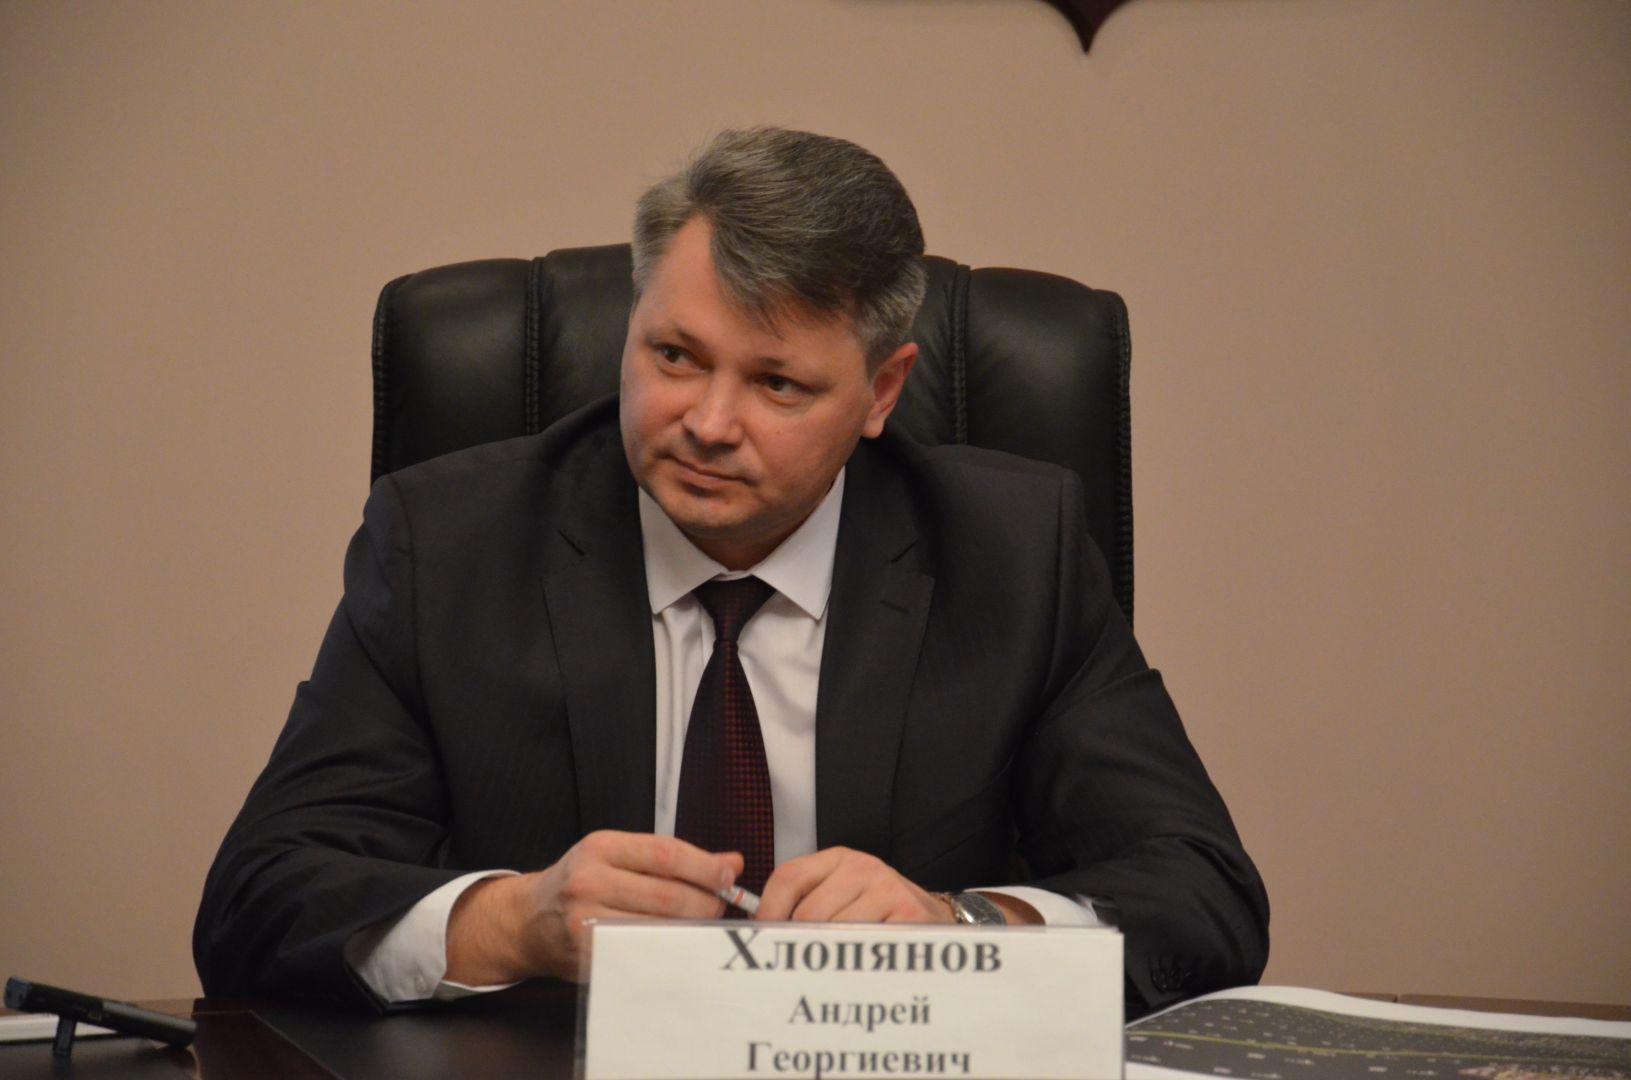 Андрей Хлопянов: Силы у нас есть, дадут средства — будем форсировать антипаводковый процесс